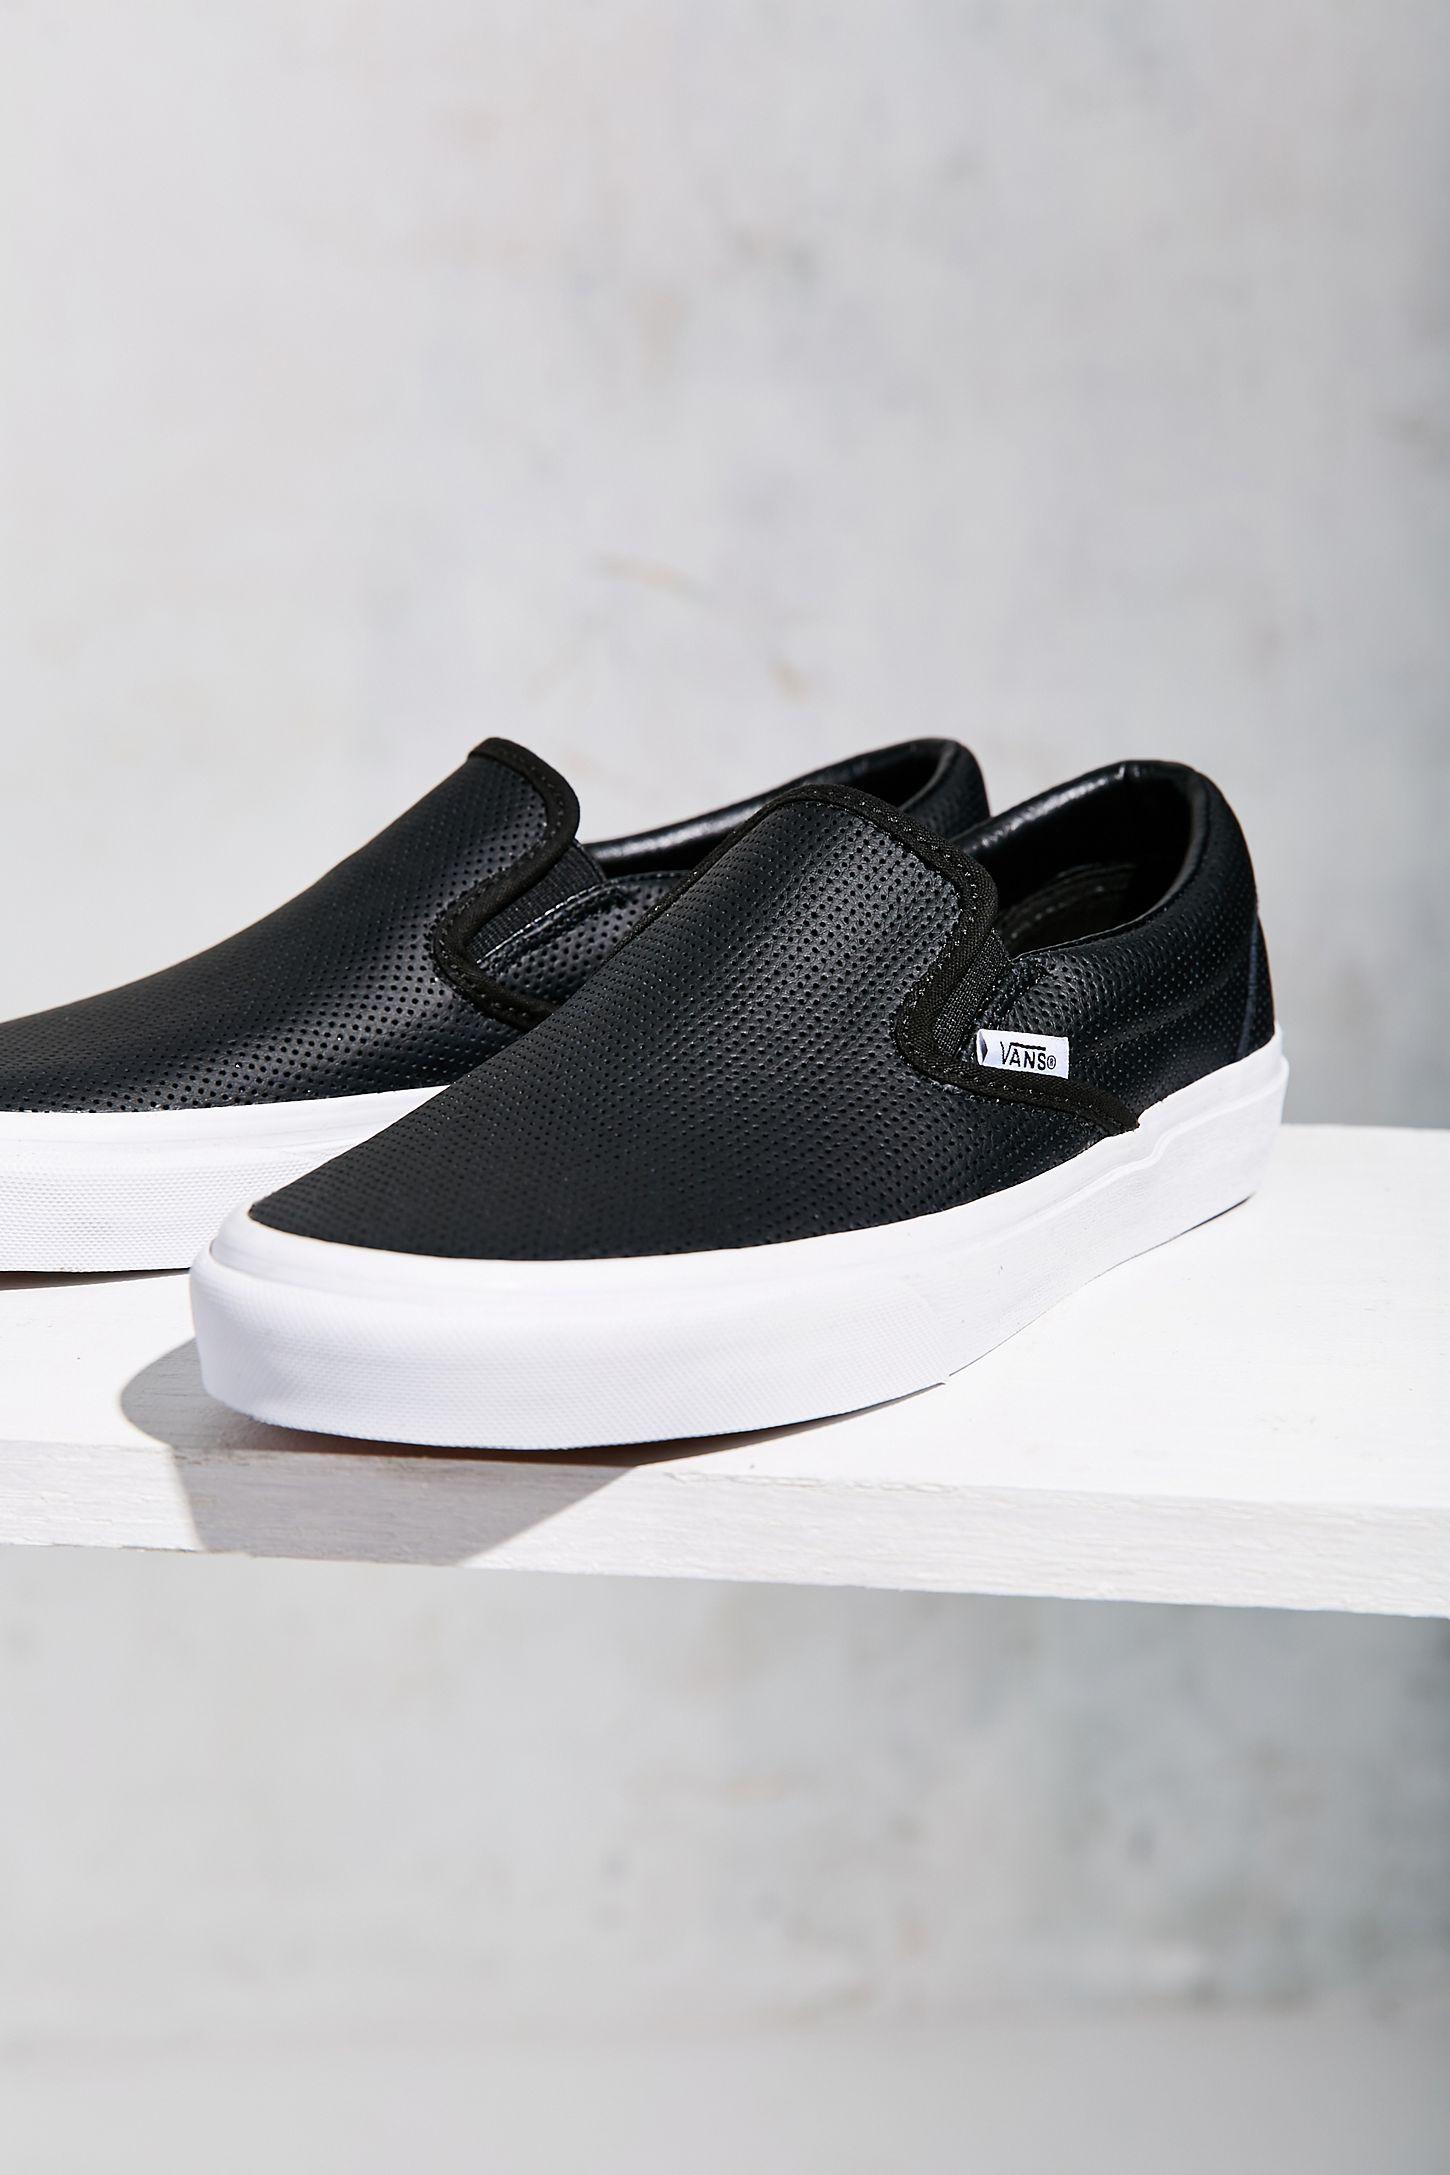 6eefb8fb372b52 Vans Perforated Leather Slip-On Sneaker